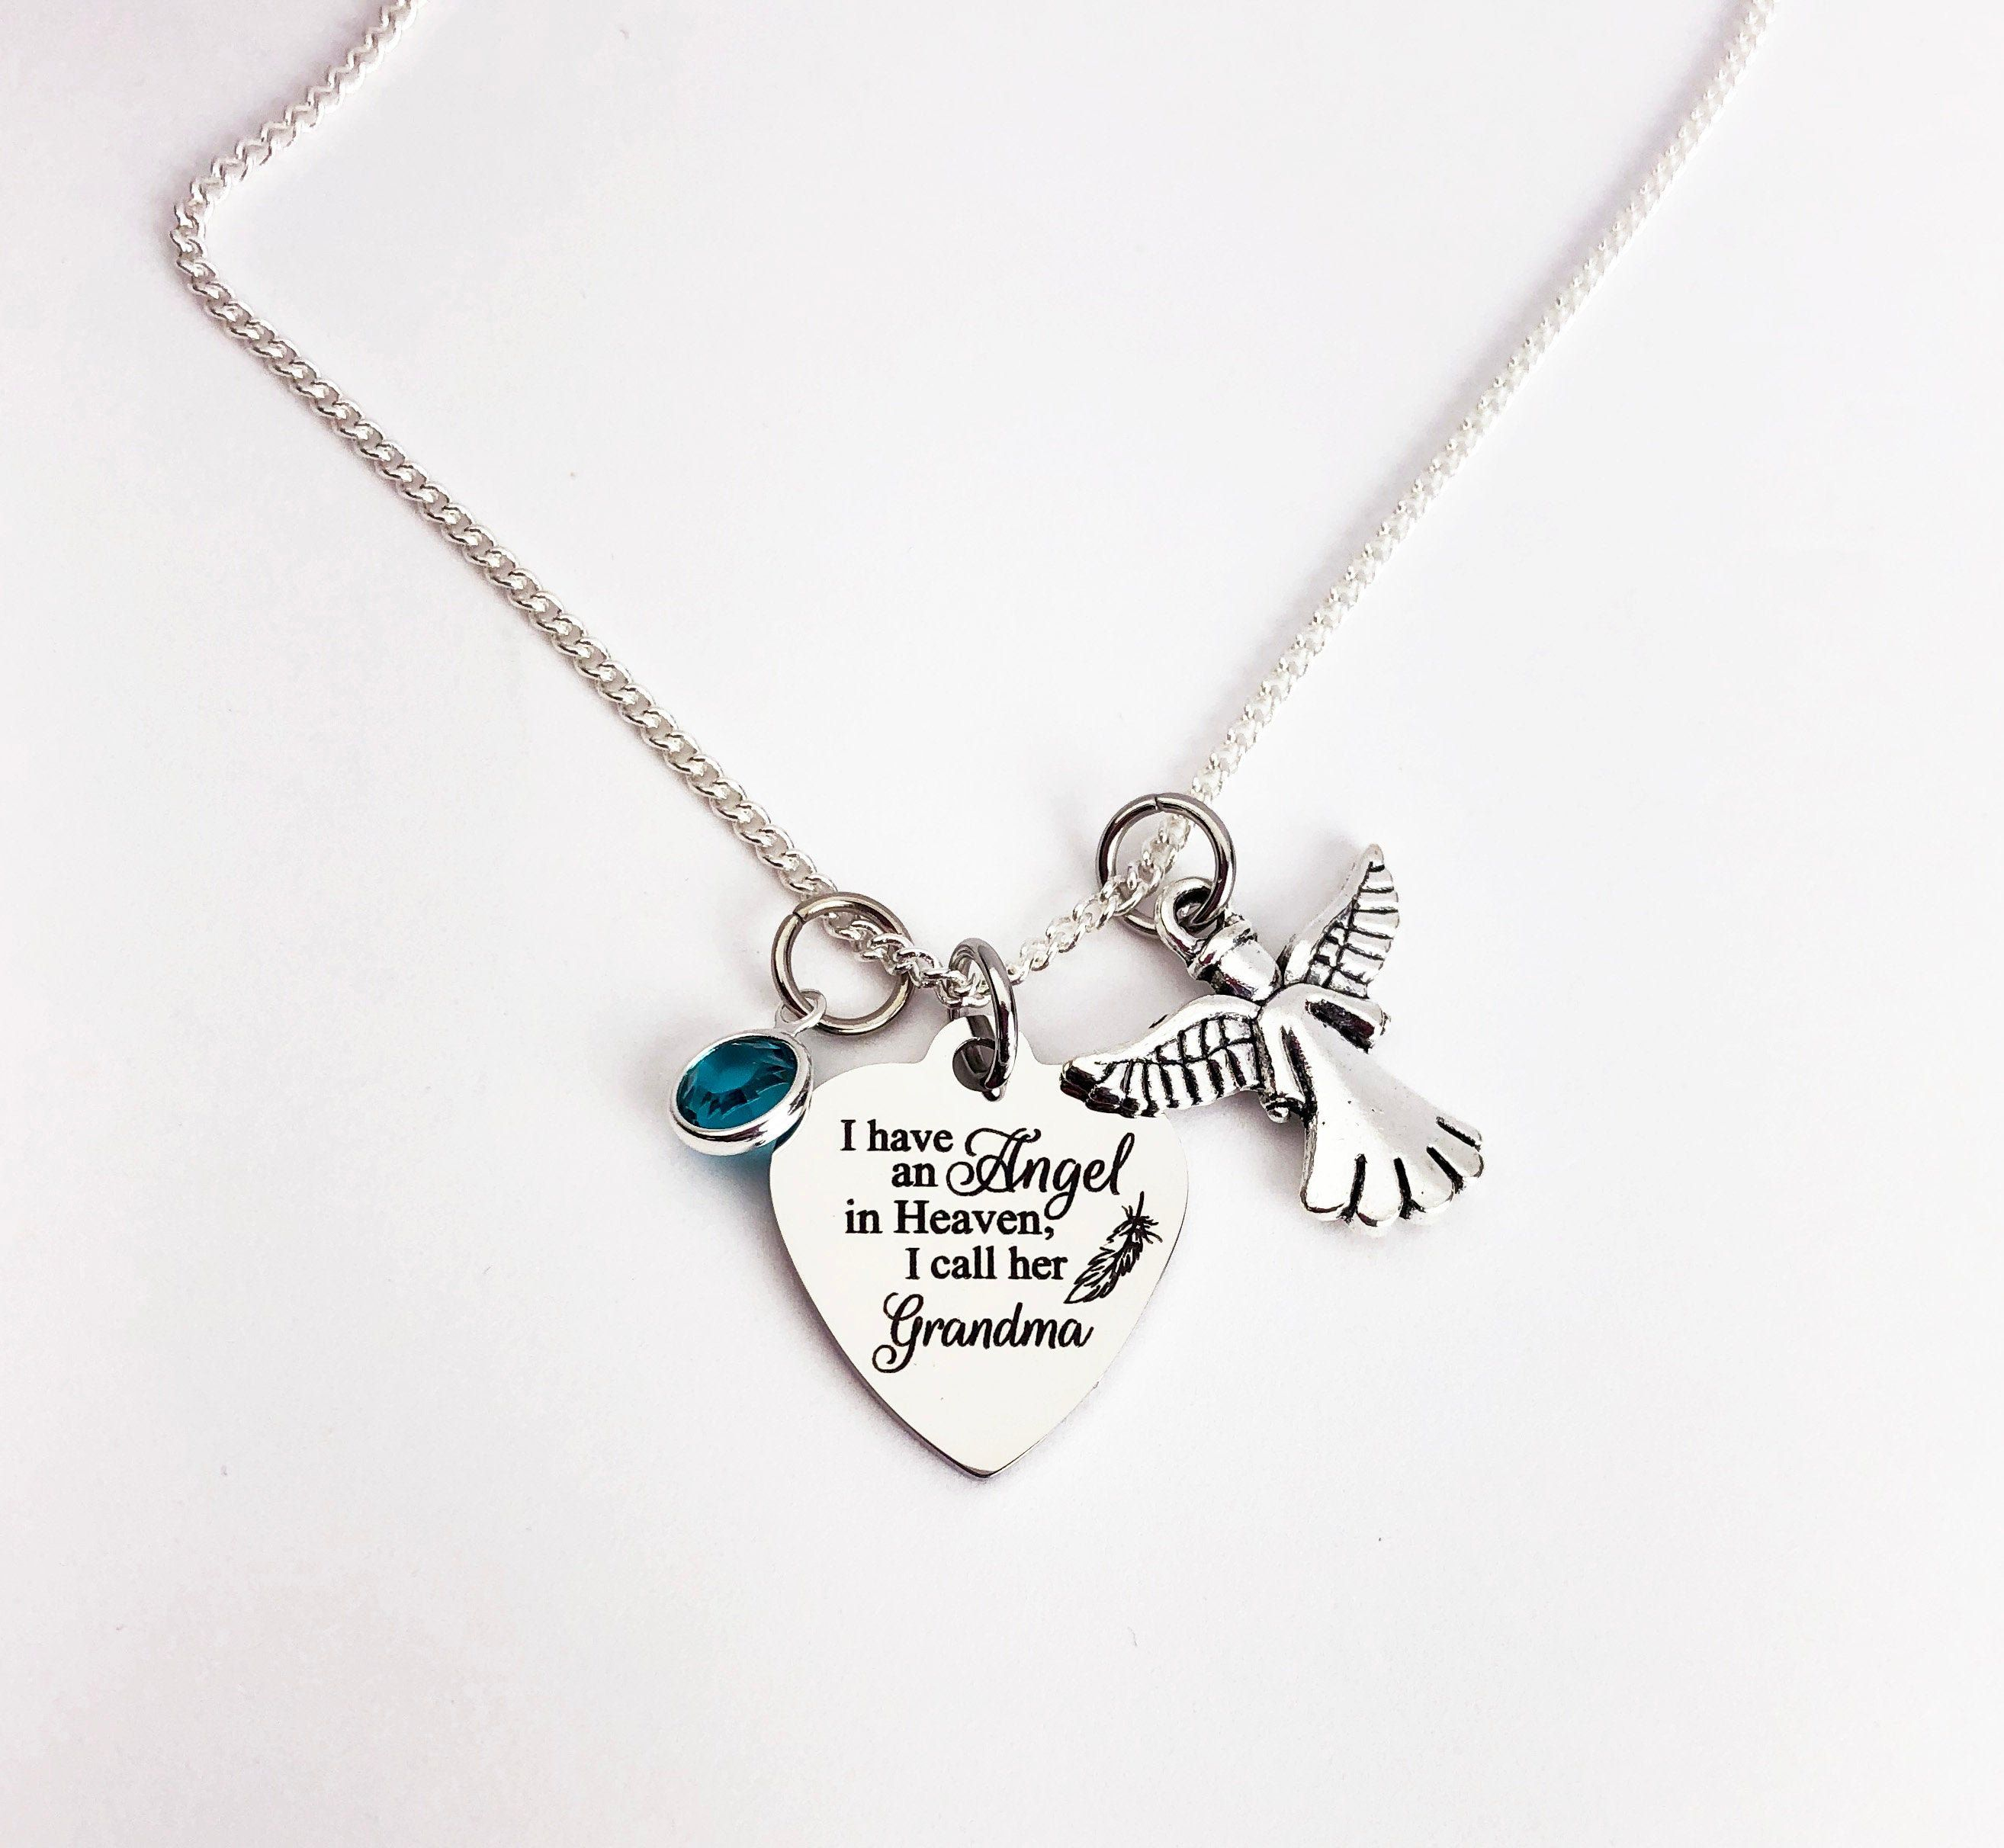 Grandma memorial jewelry memorial necklace memorial gift